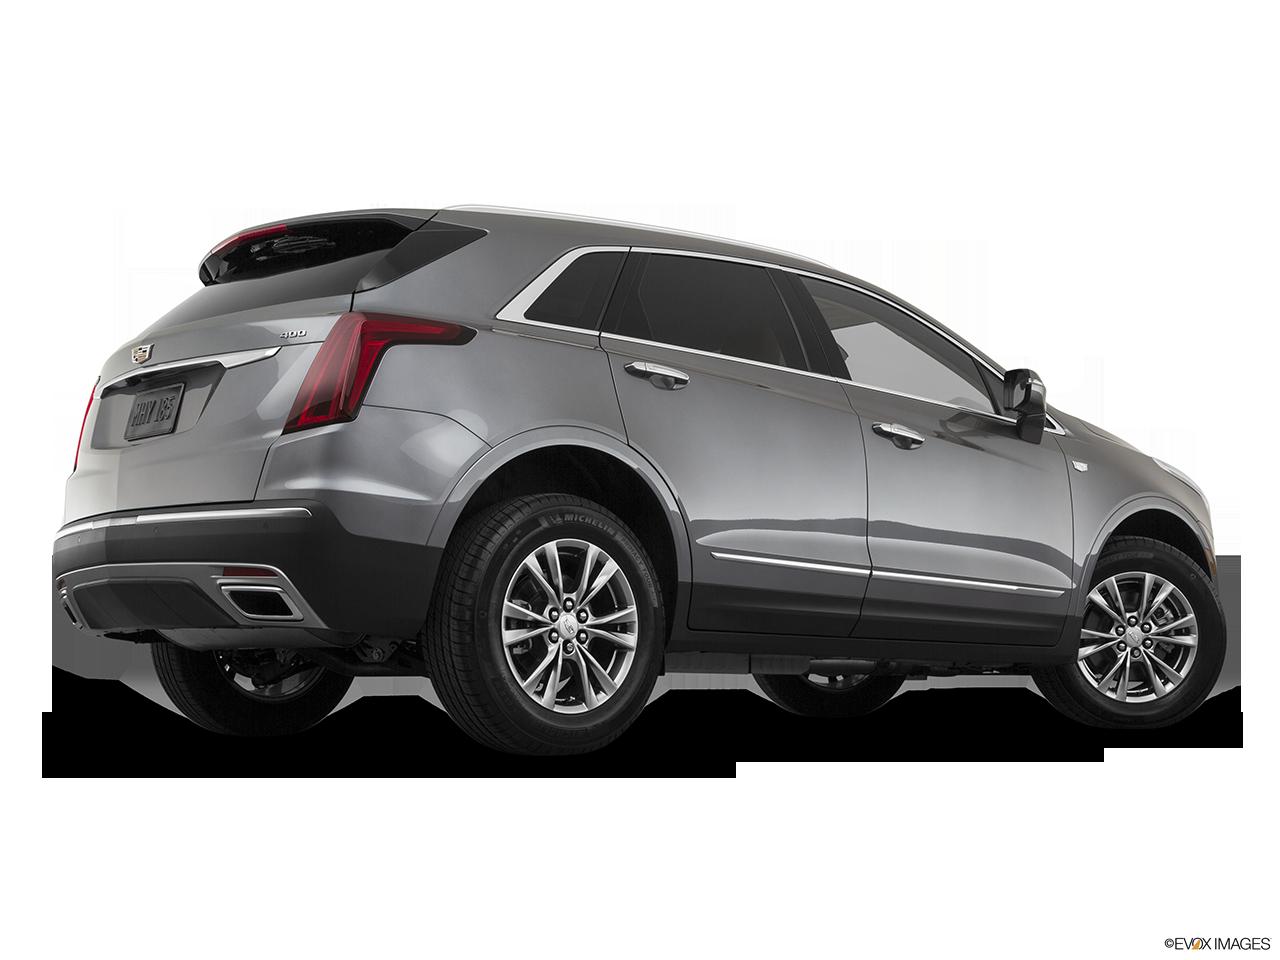 2021 Cadillac XT5 photo